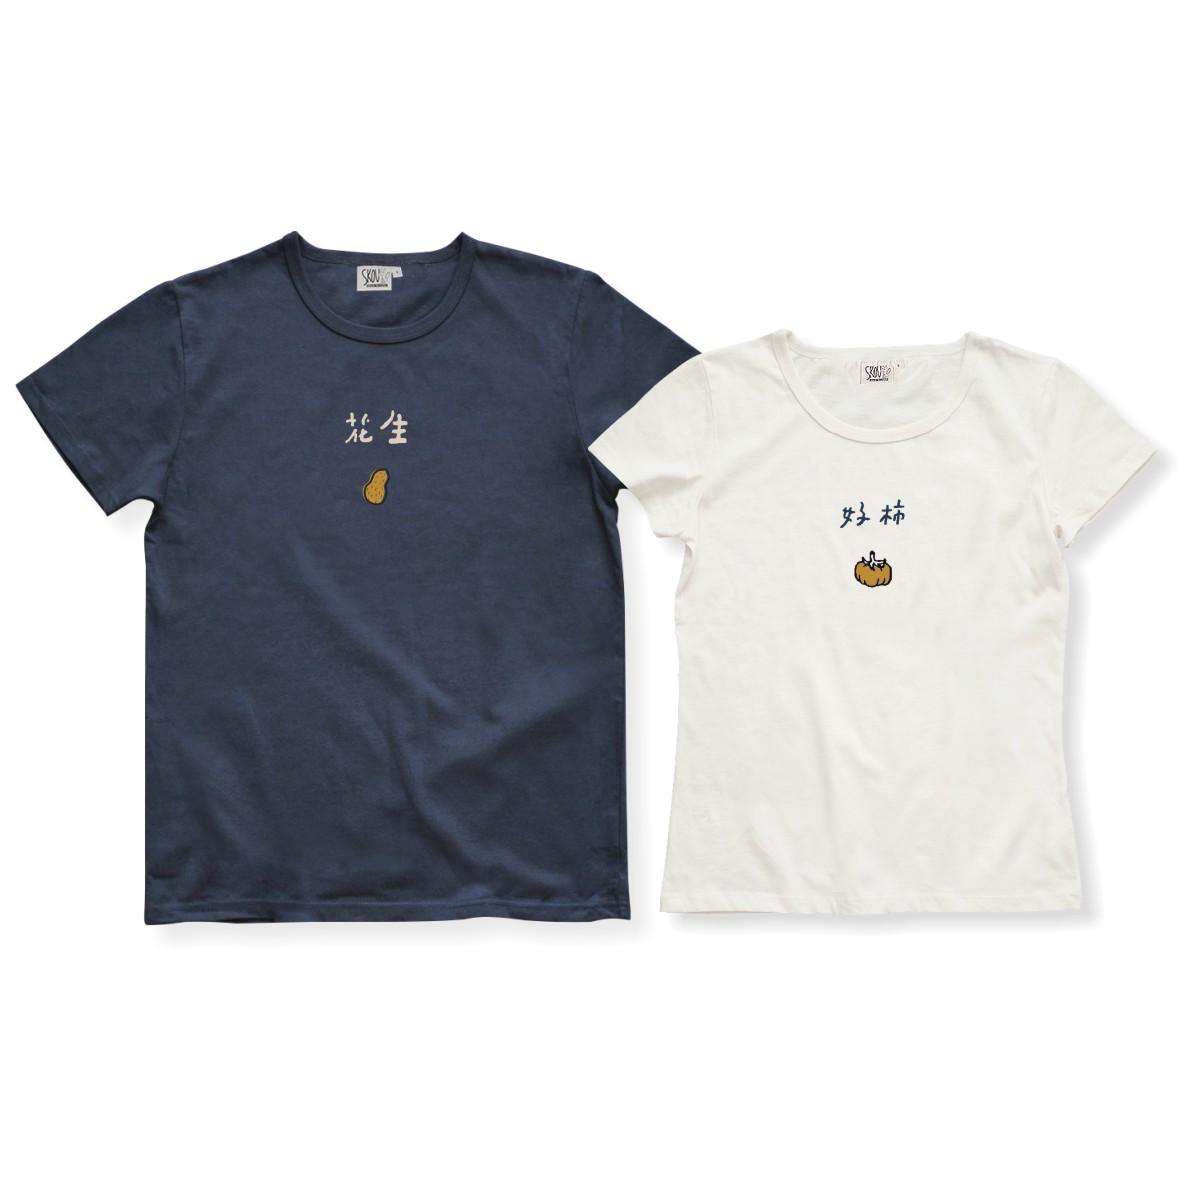 skov 花生好柿  原创品牌新款情侣T恤情人节短袖清新文艺全棉白色